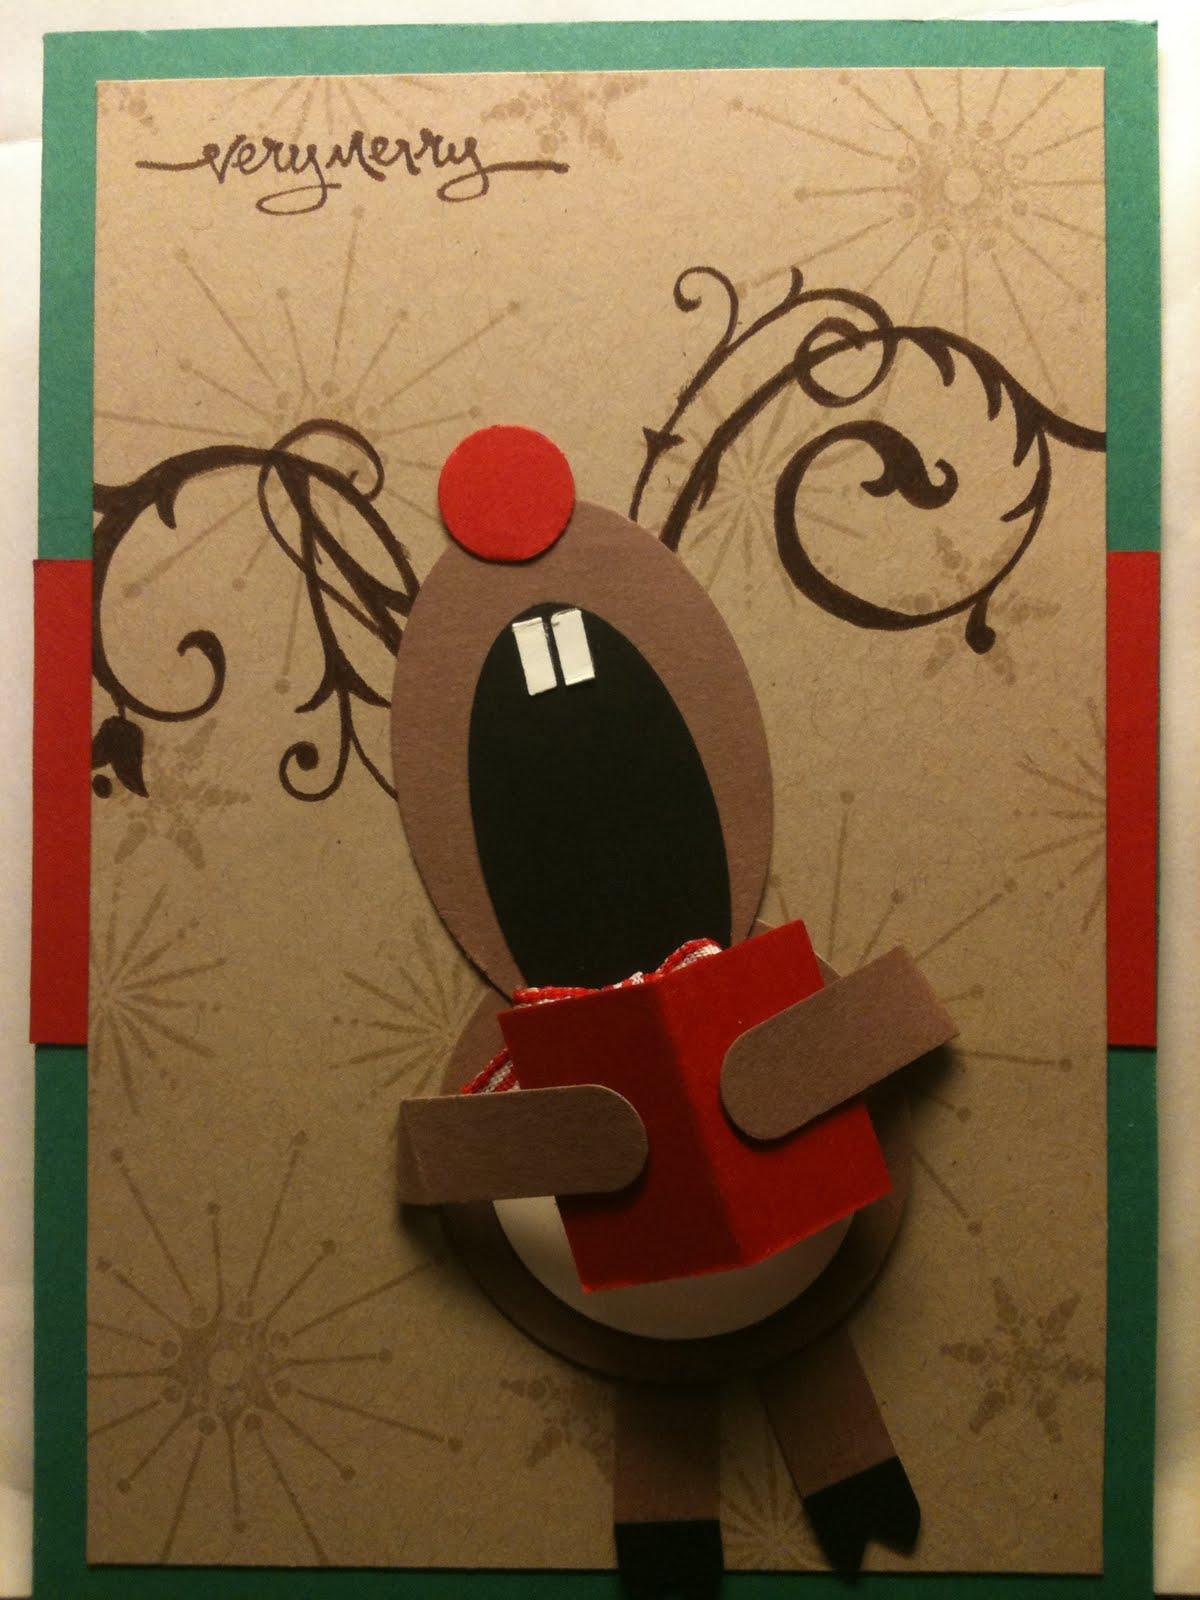 Singing Reindeerclassroom door decoration idea